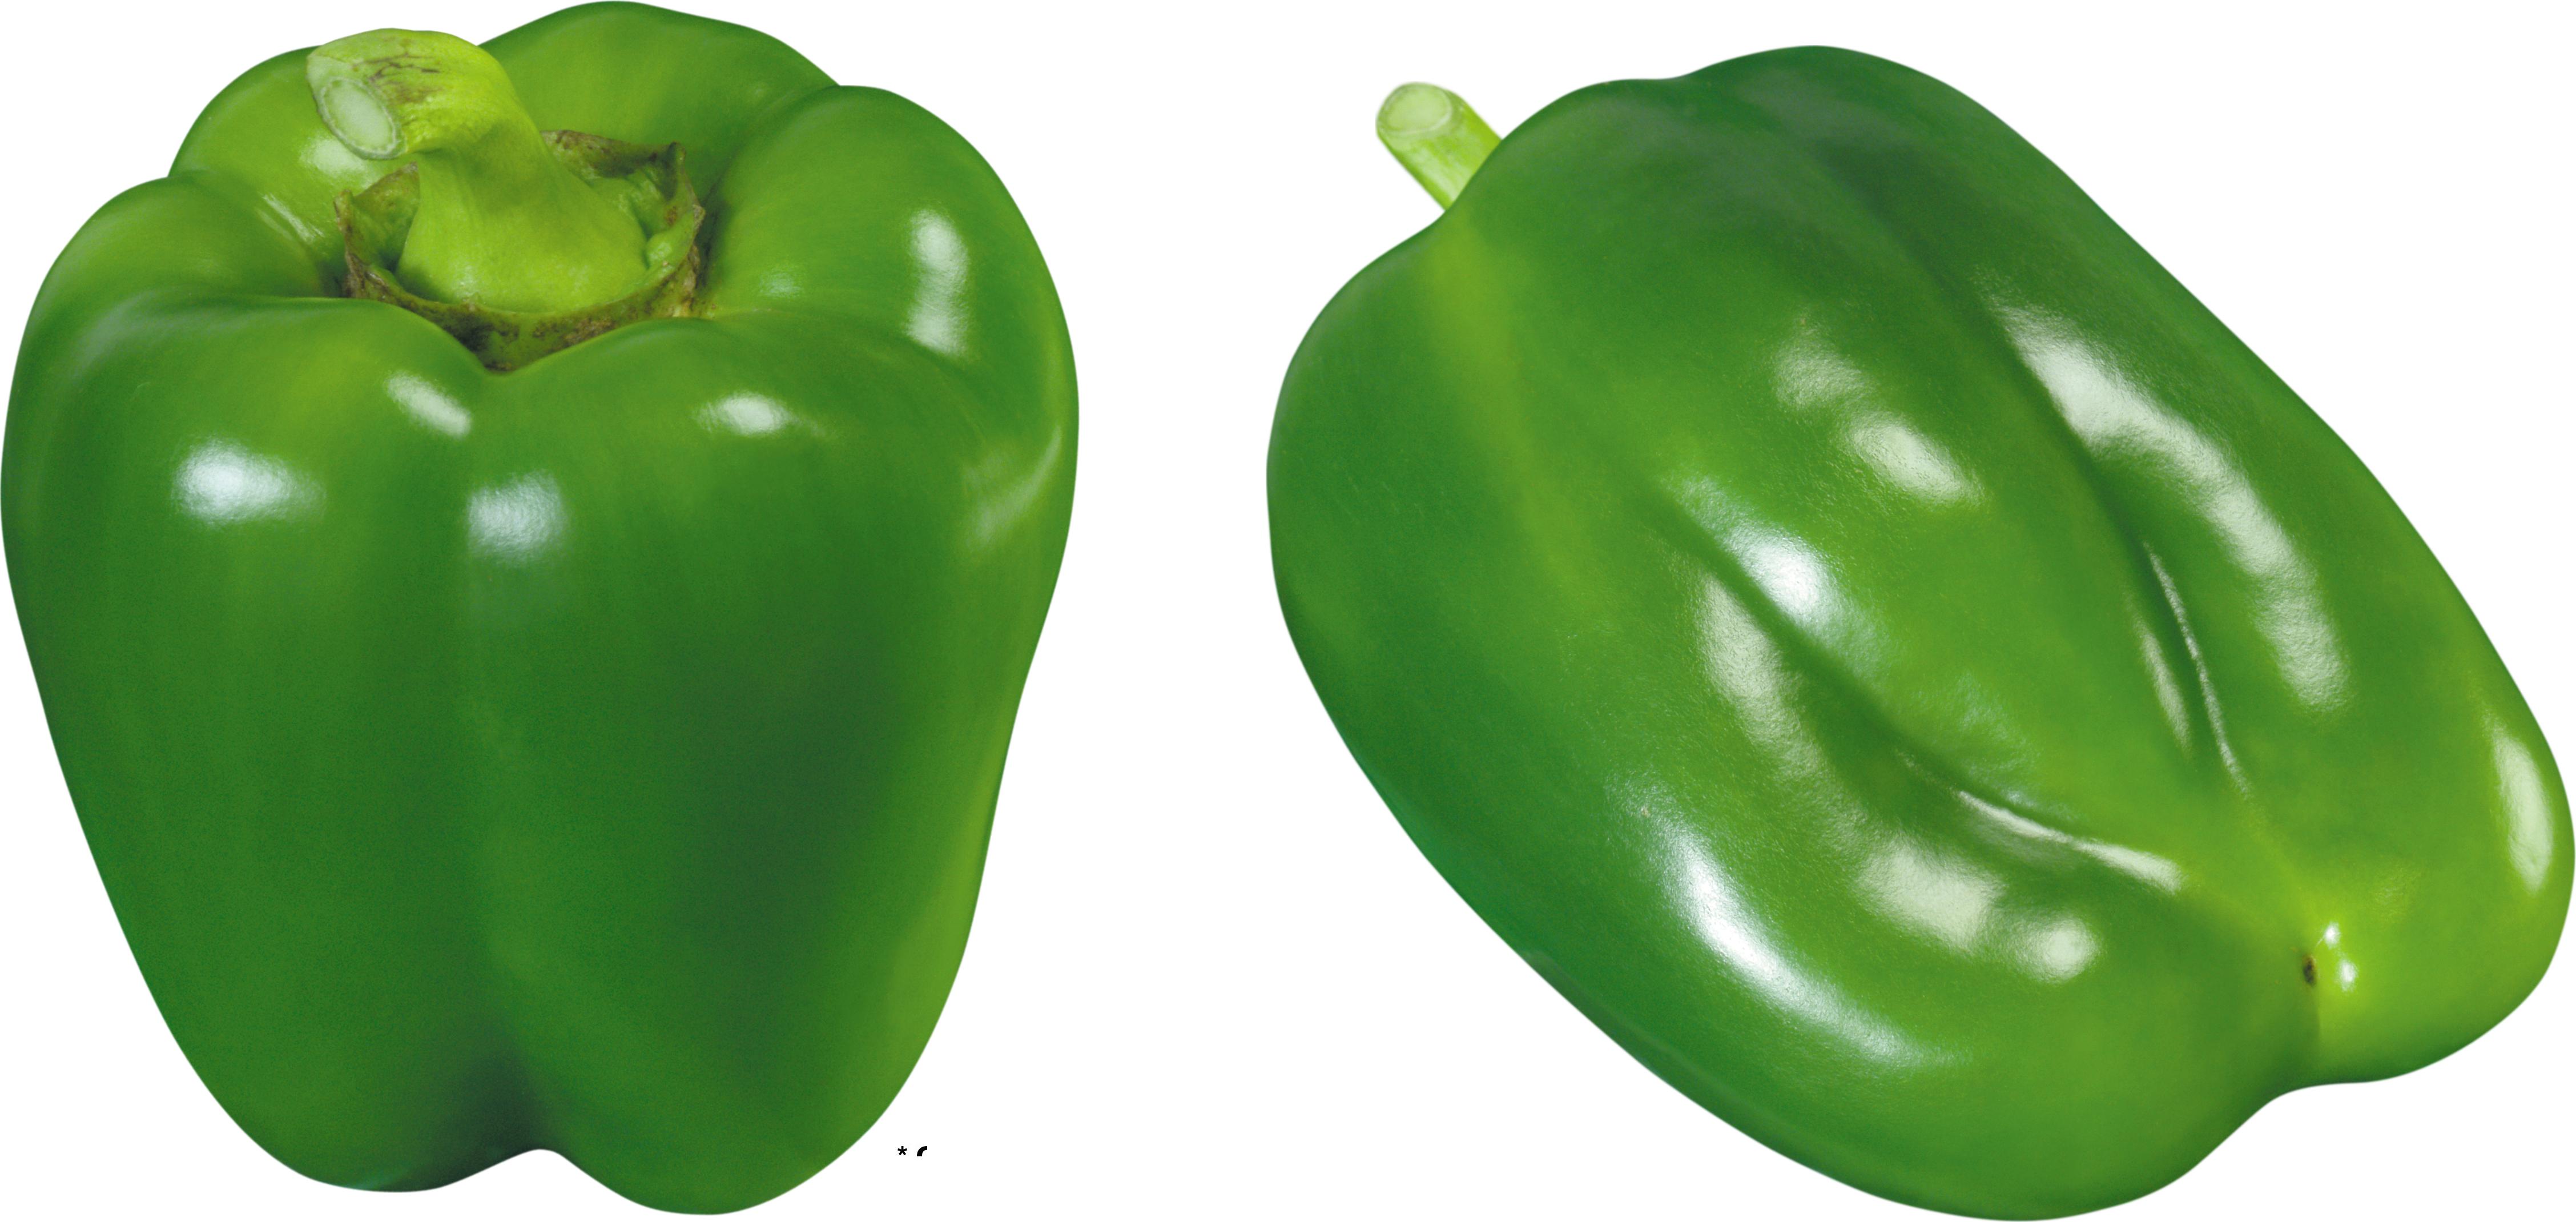 Картинки перец зеленый